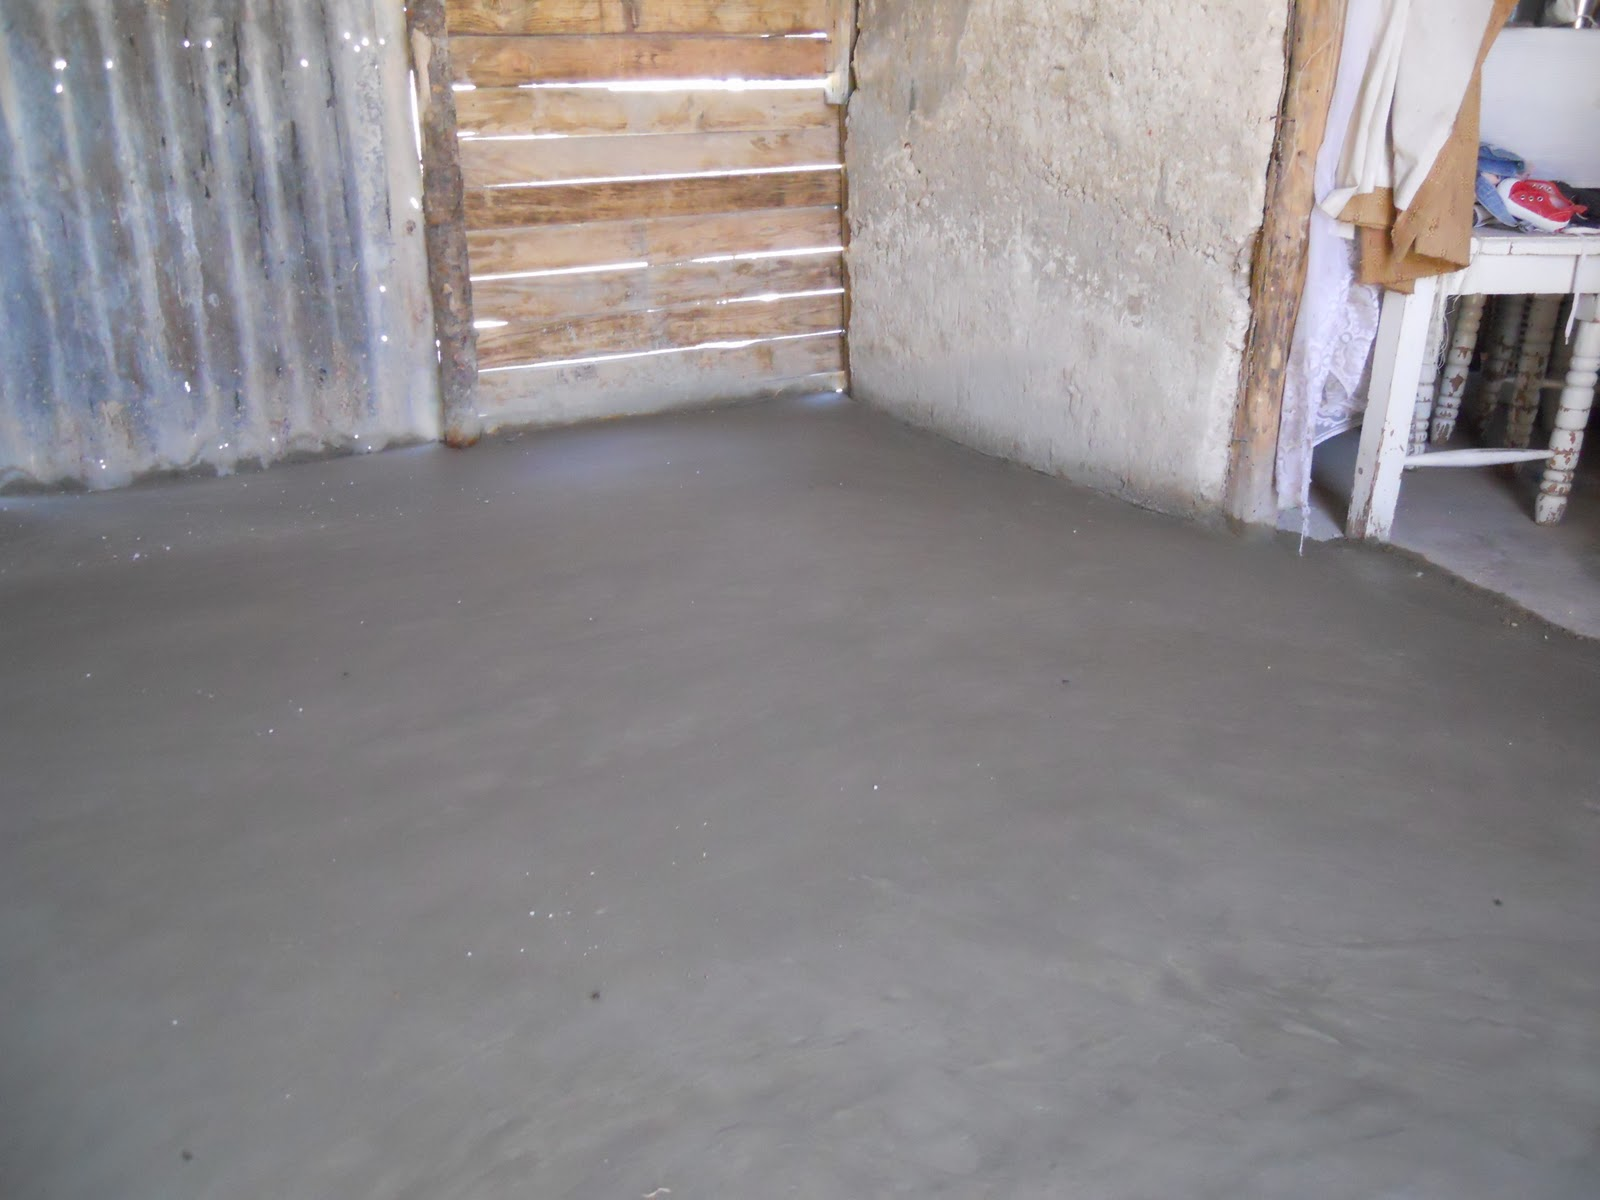 253 cambios de pisos de tierras por el de cemento - Cambio de pisos ...